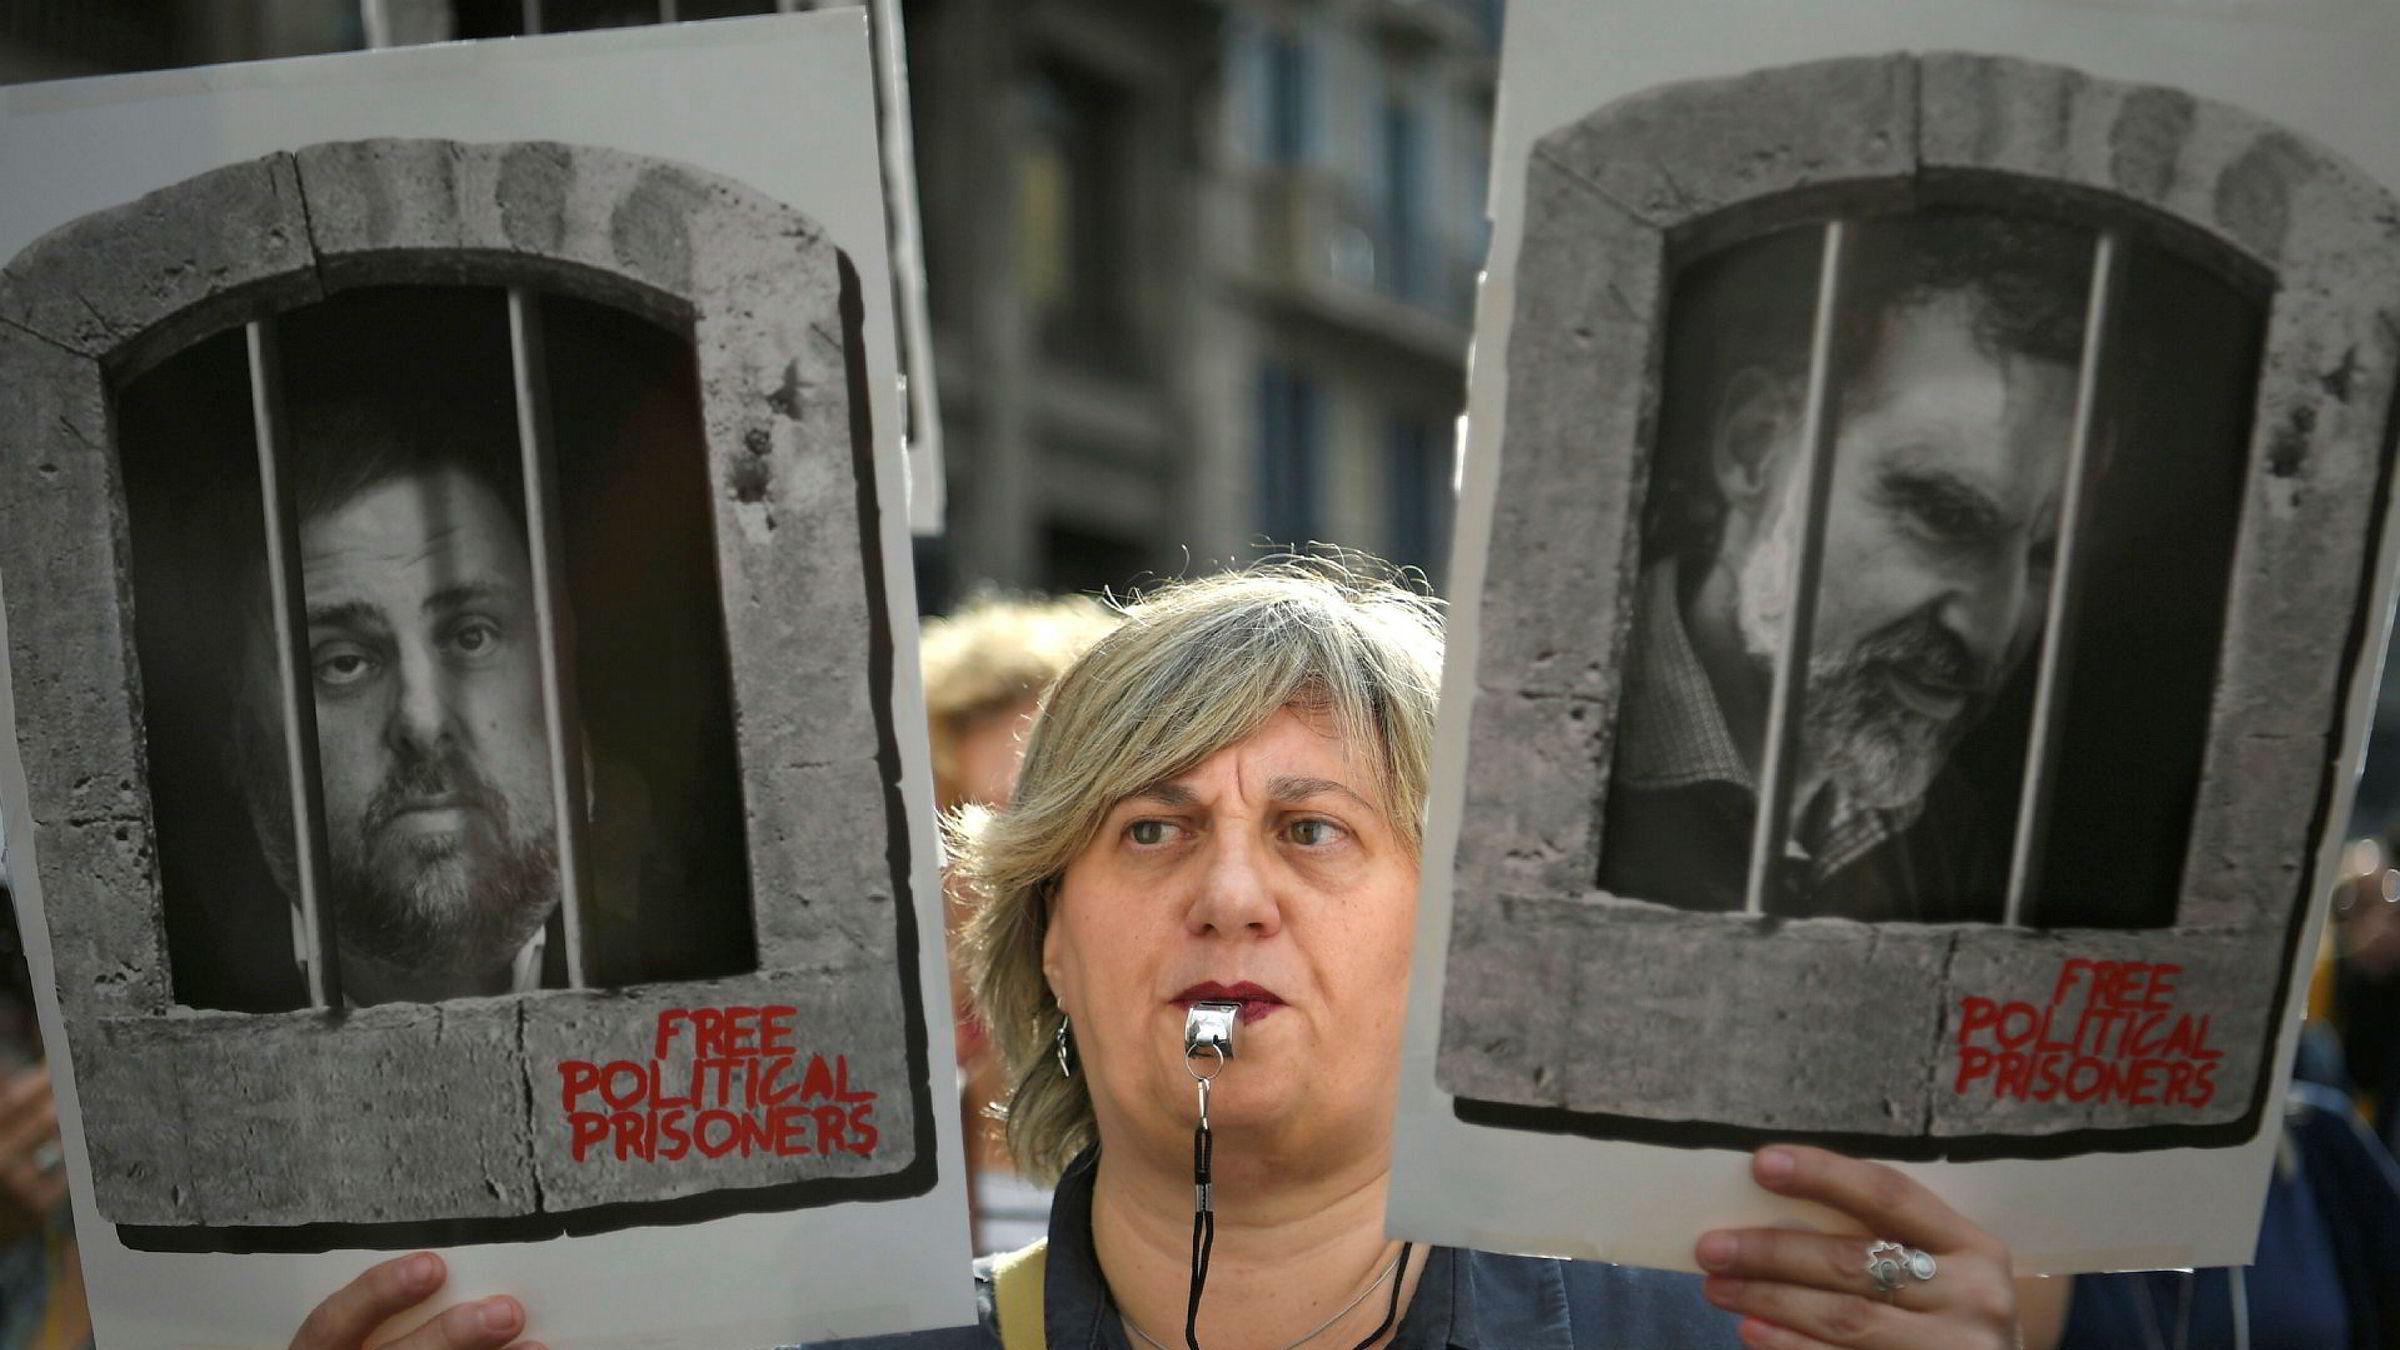 Det har vært voldsomme demonstrasjoner i Barcelona etter at spansk høyesterett ga dommer på mellom ni og 13 års fengsel til katalanske politikere.